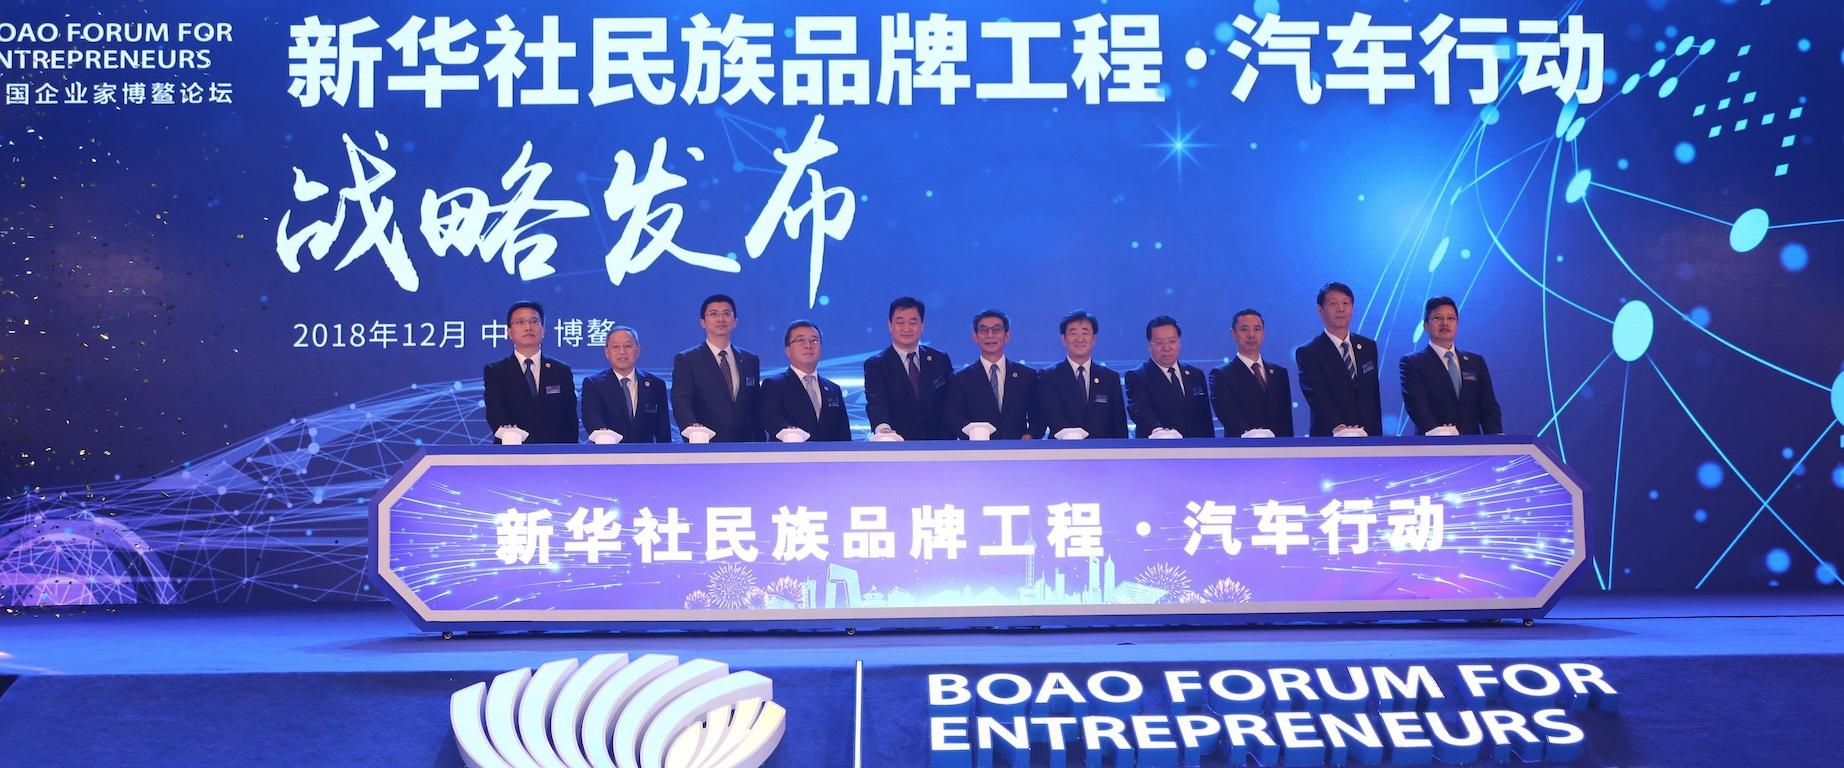 新華社民族品牌工程·汽車行動戰略啟動